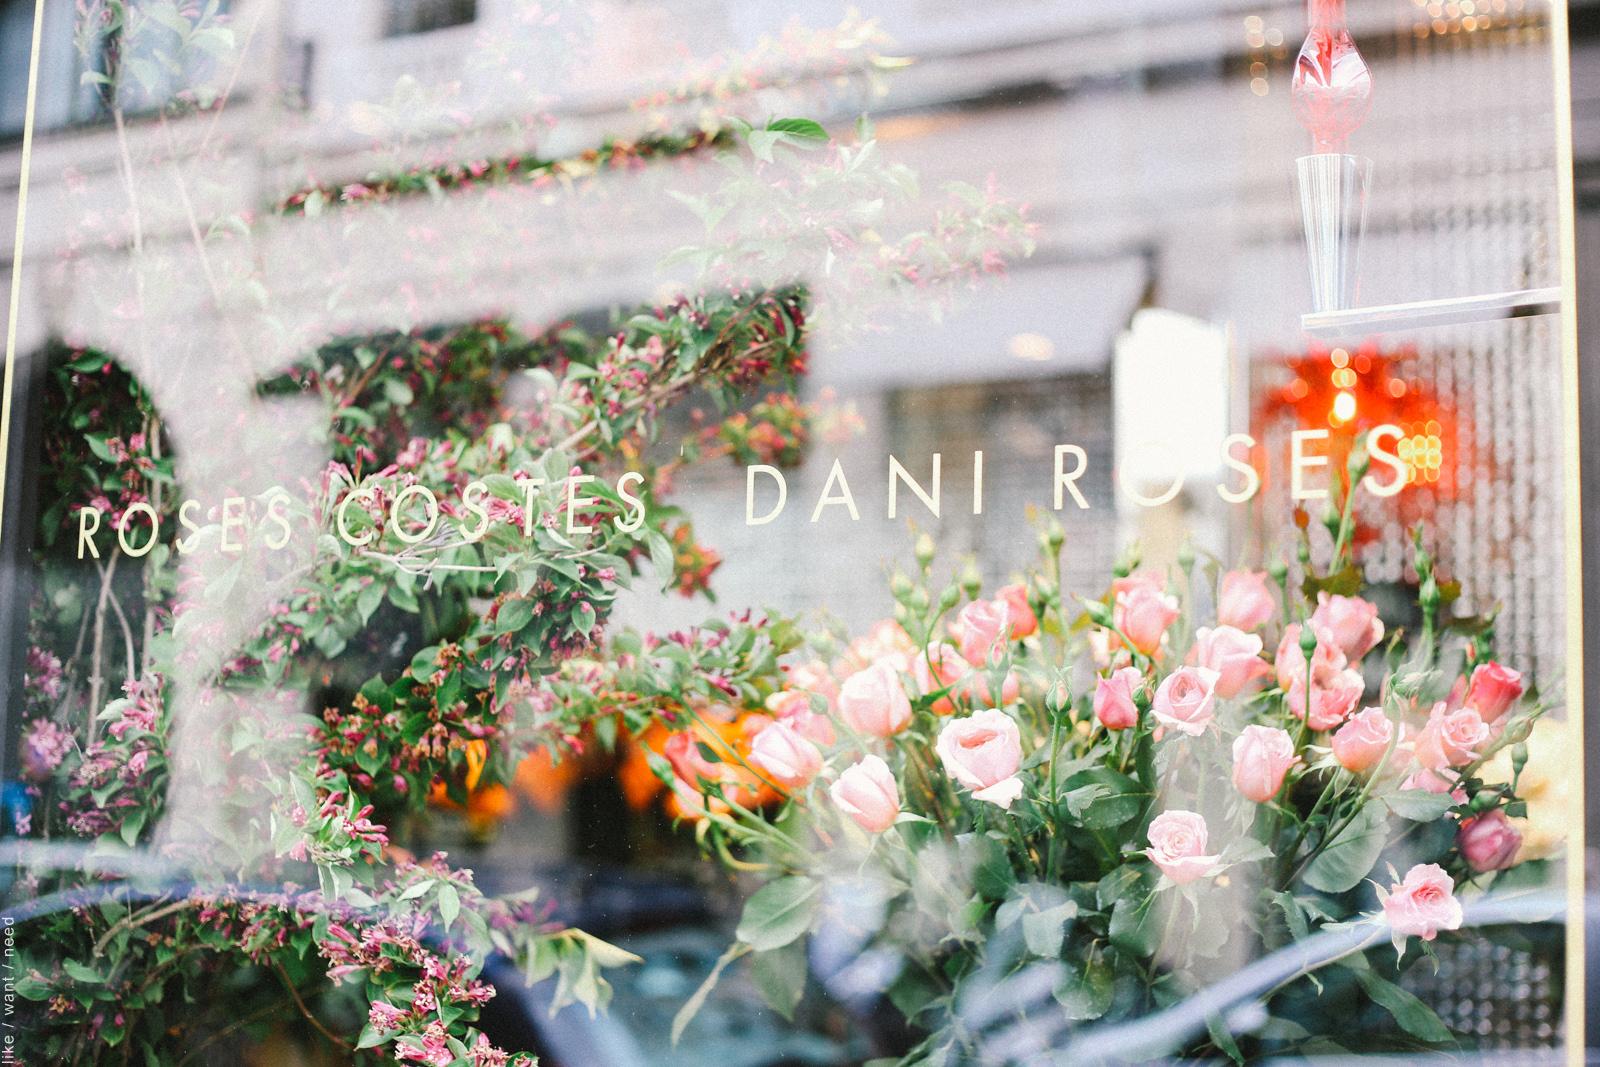 Dani Roses